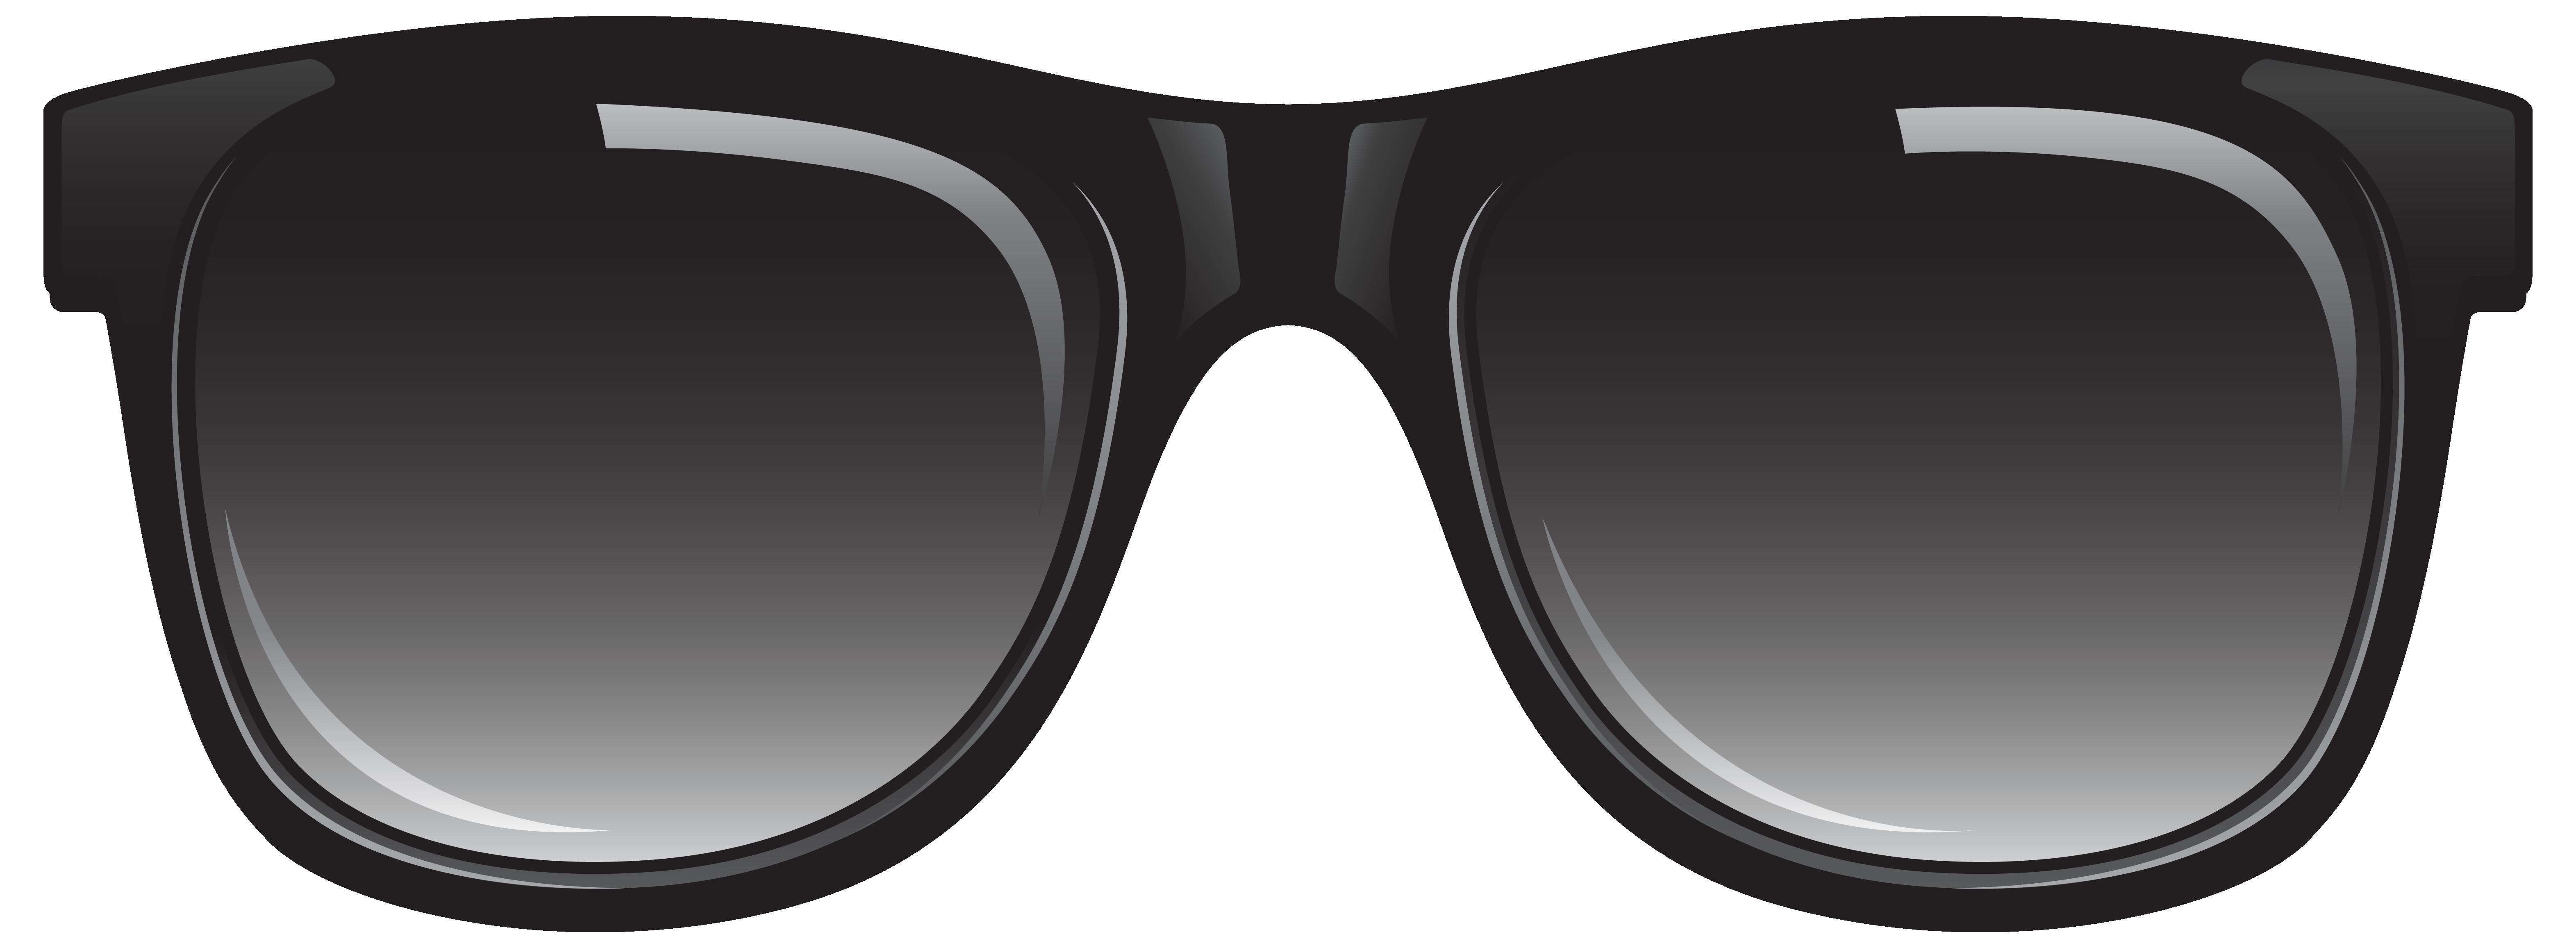 Sunglasses clipart Clip free 3 clipart clip